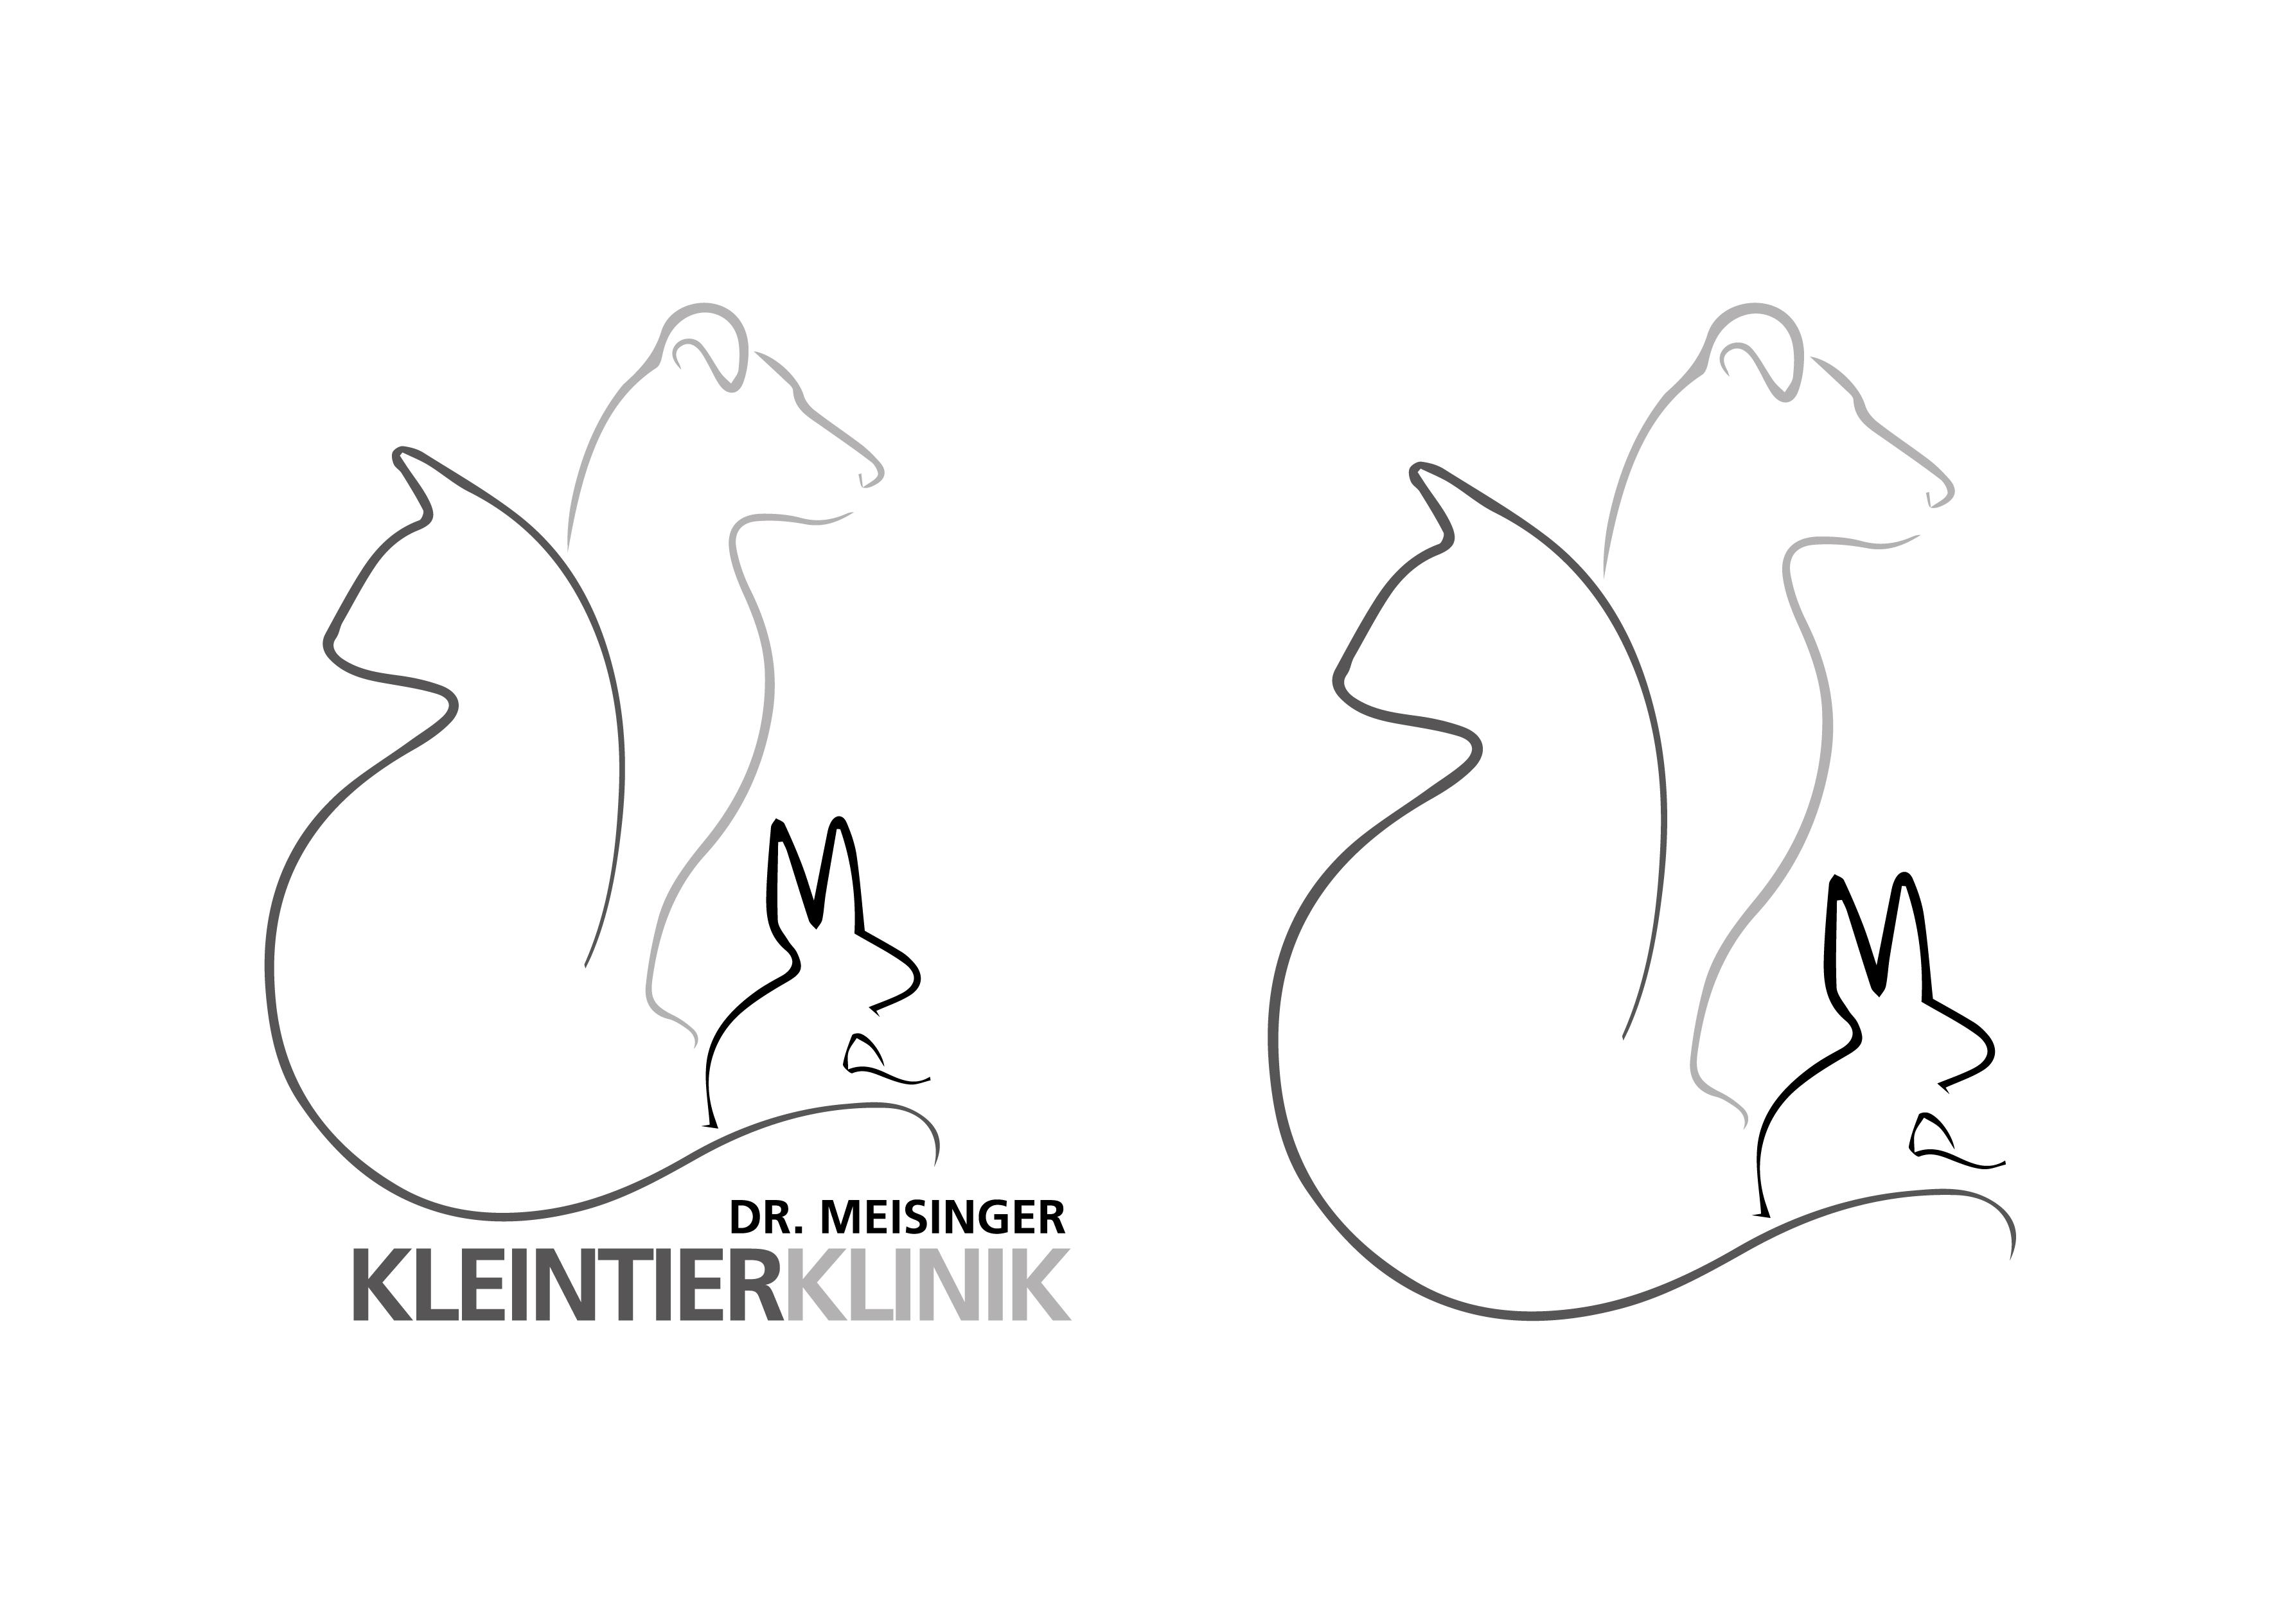 Alternativeslogo in Graustufen - Kleintierklinik Dr. Meisinger